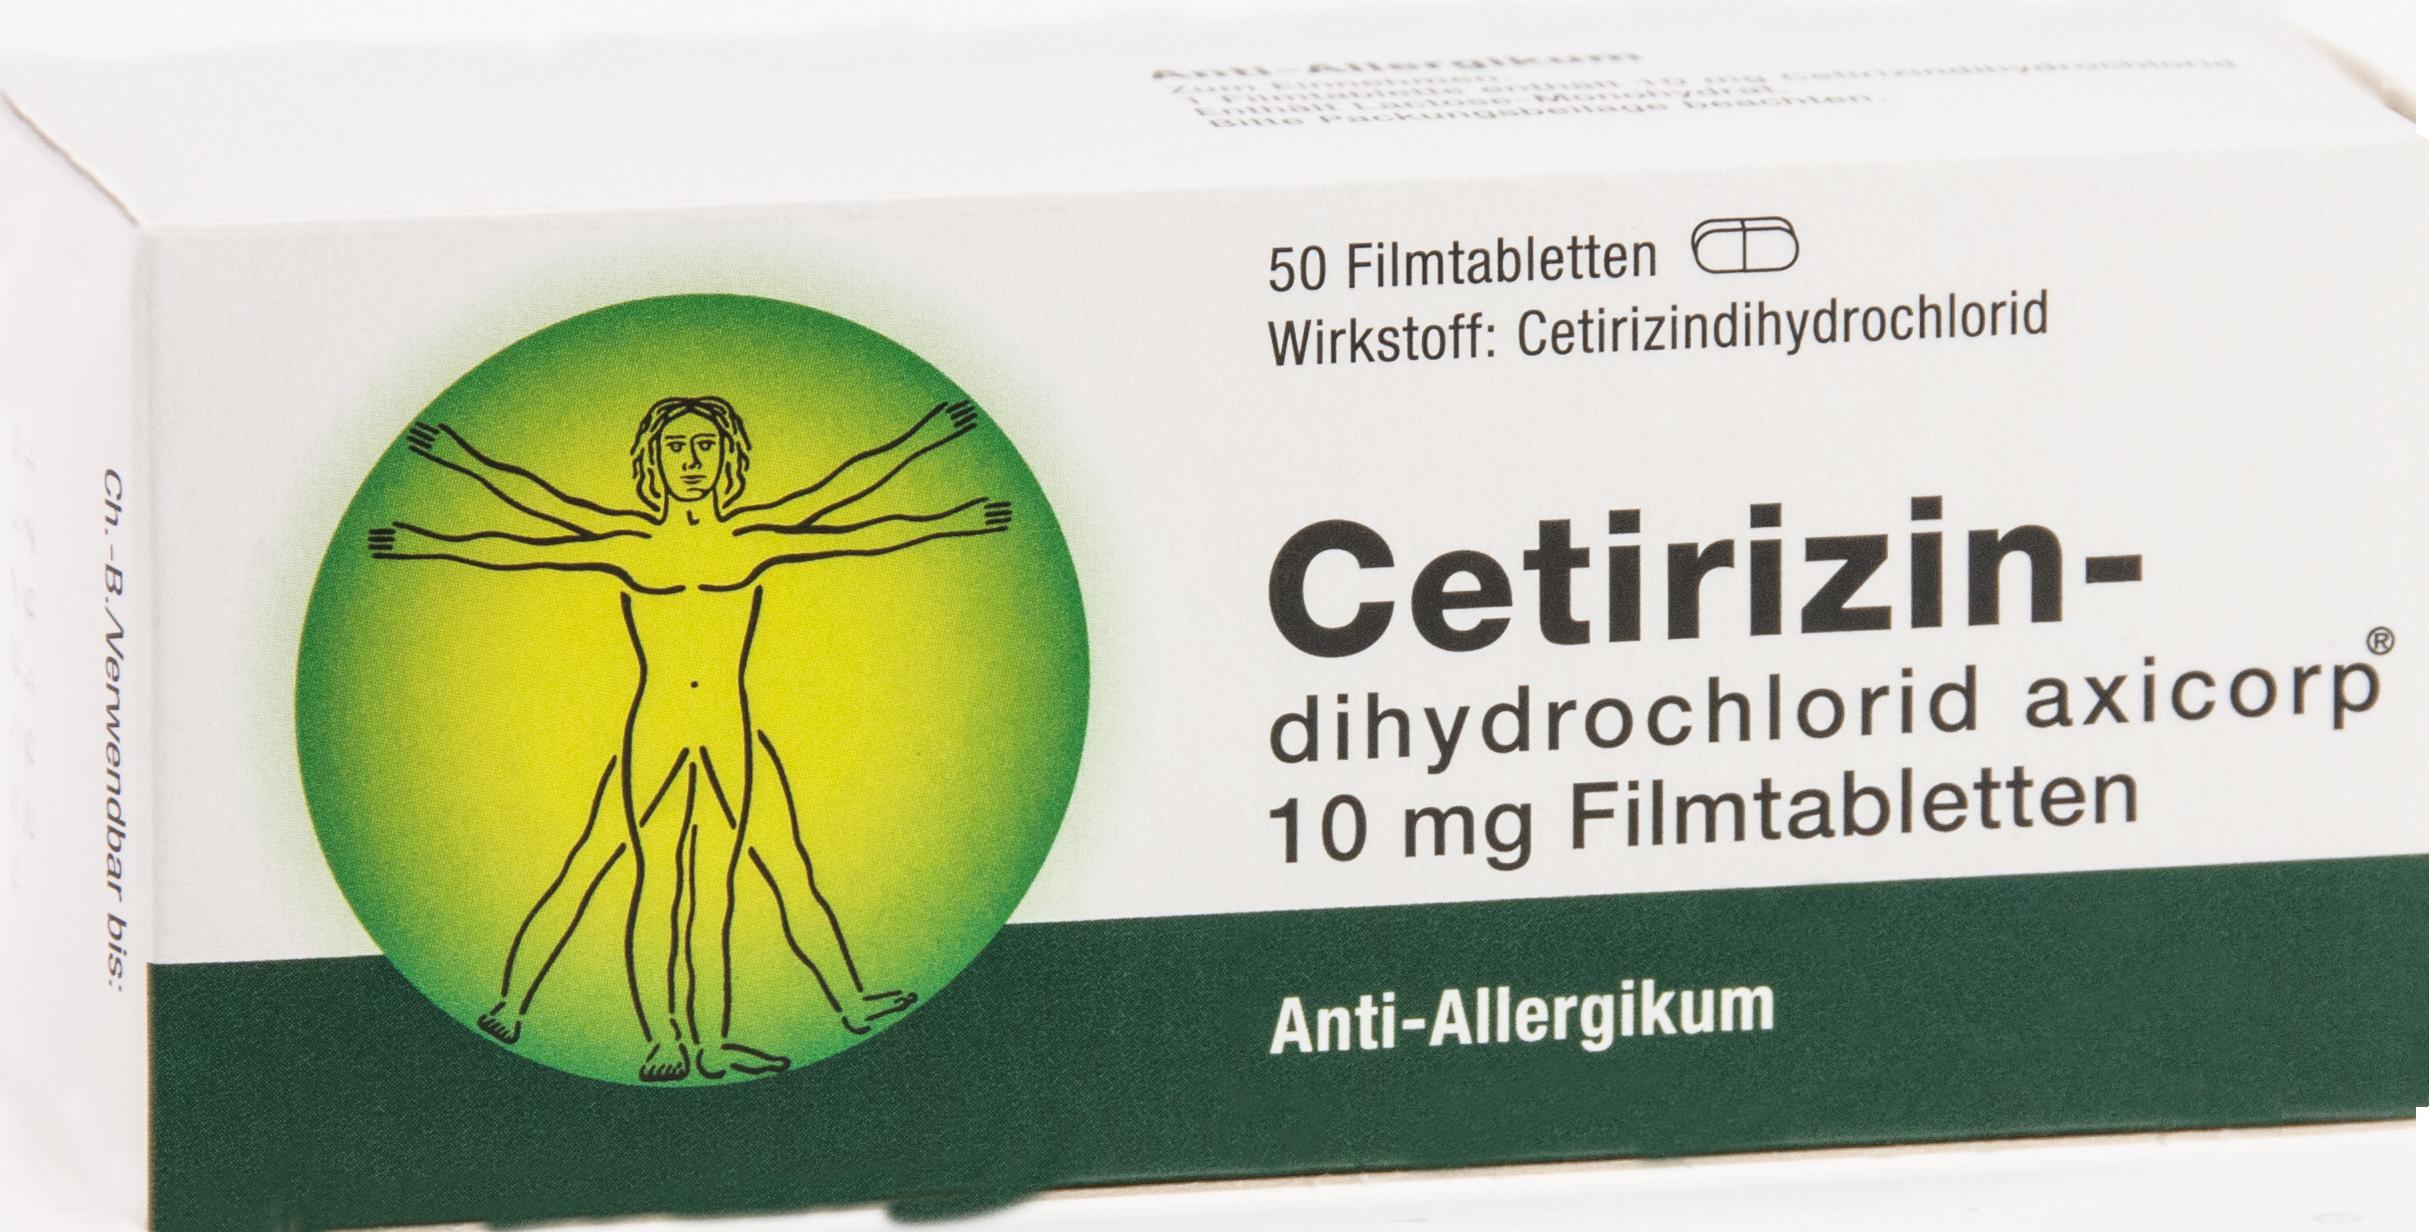 Cetirizindihydrochlorid axicorp 10mg